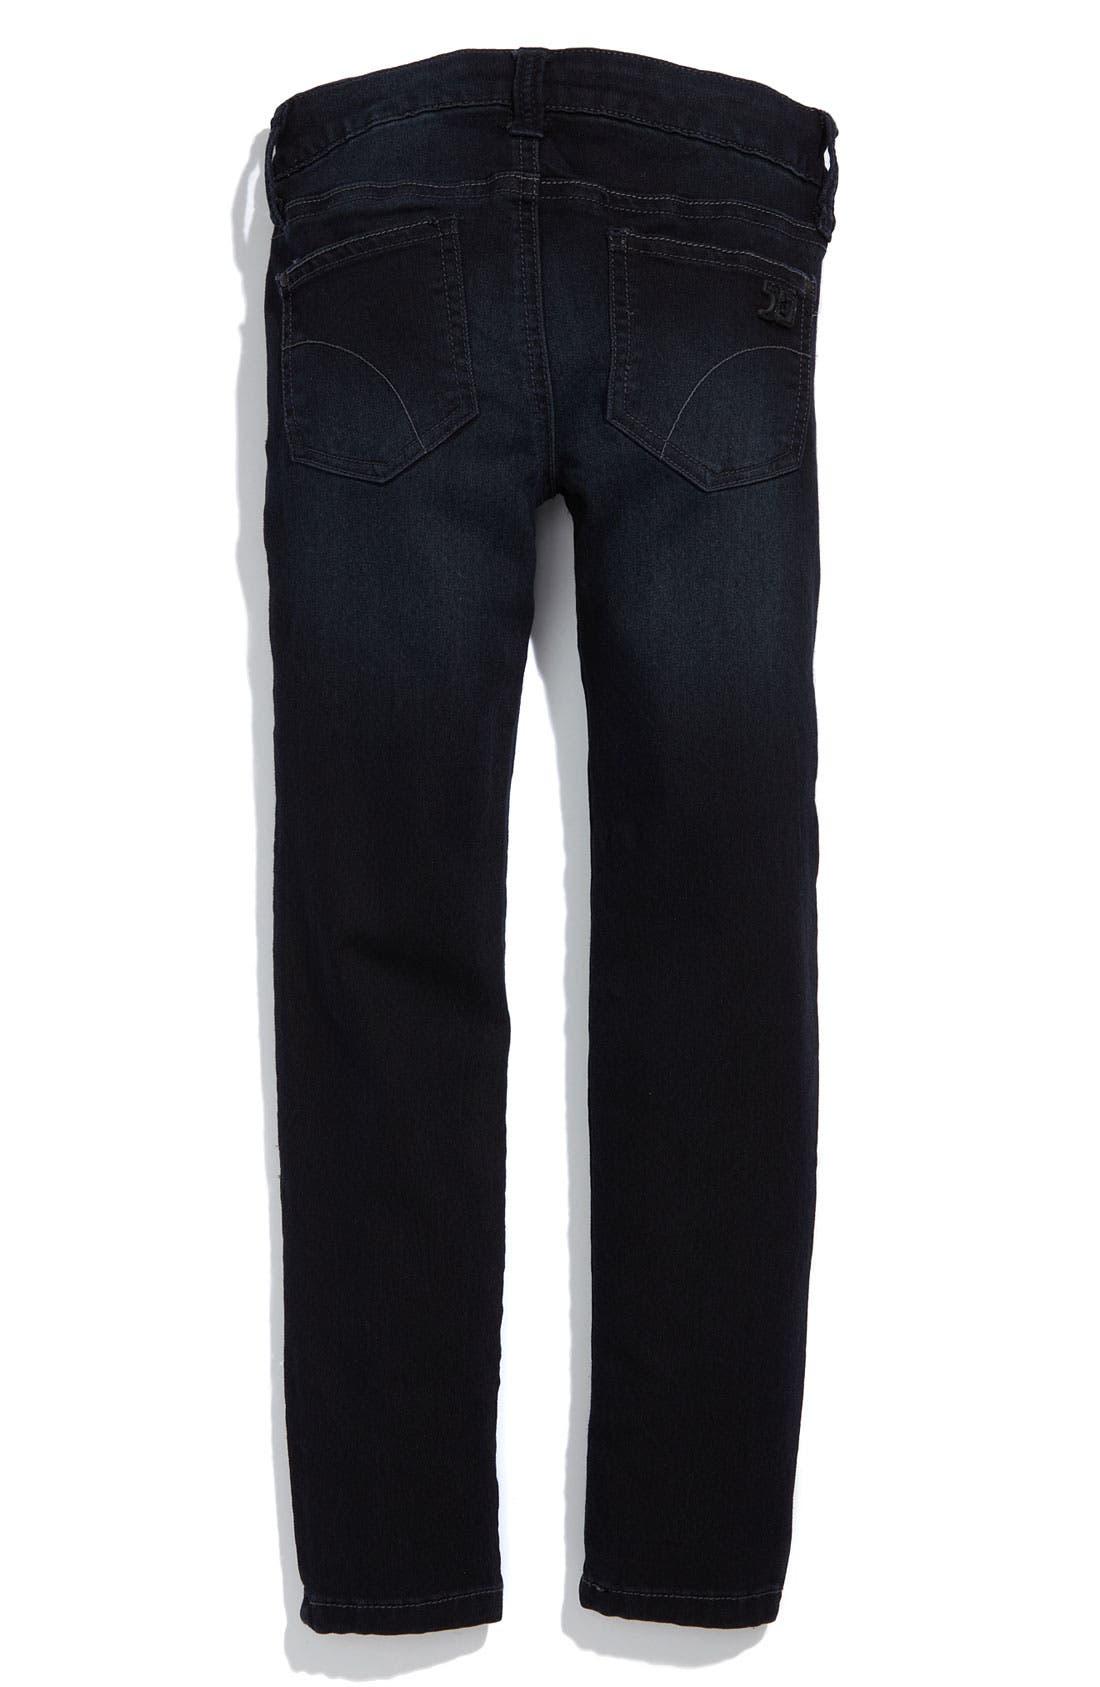 Alternate Image 1 Selected - Joe's 'Ultra Skinny' Jeans (Little Girls)